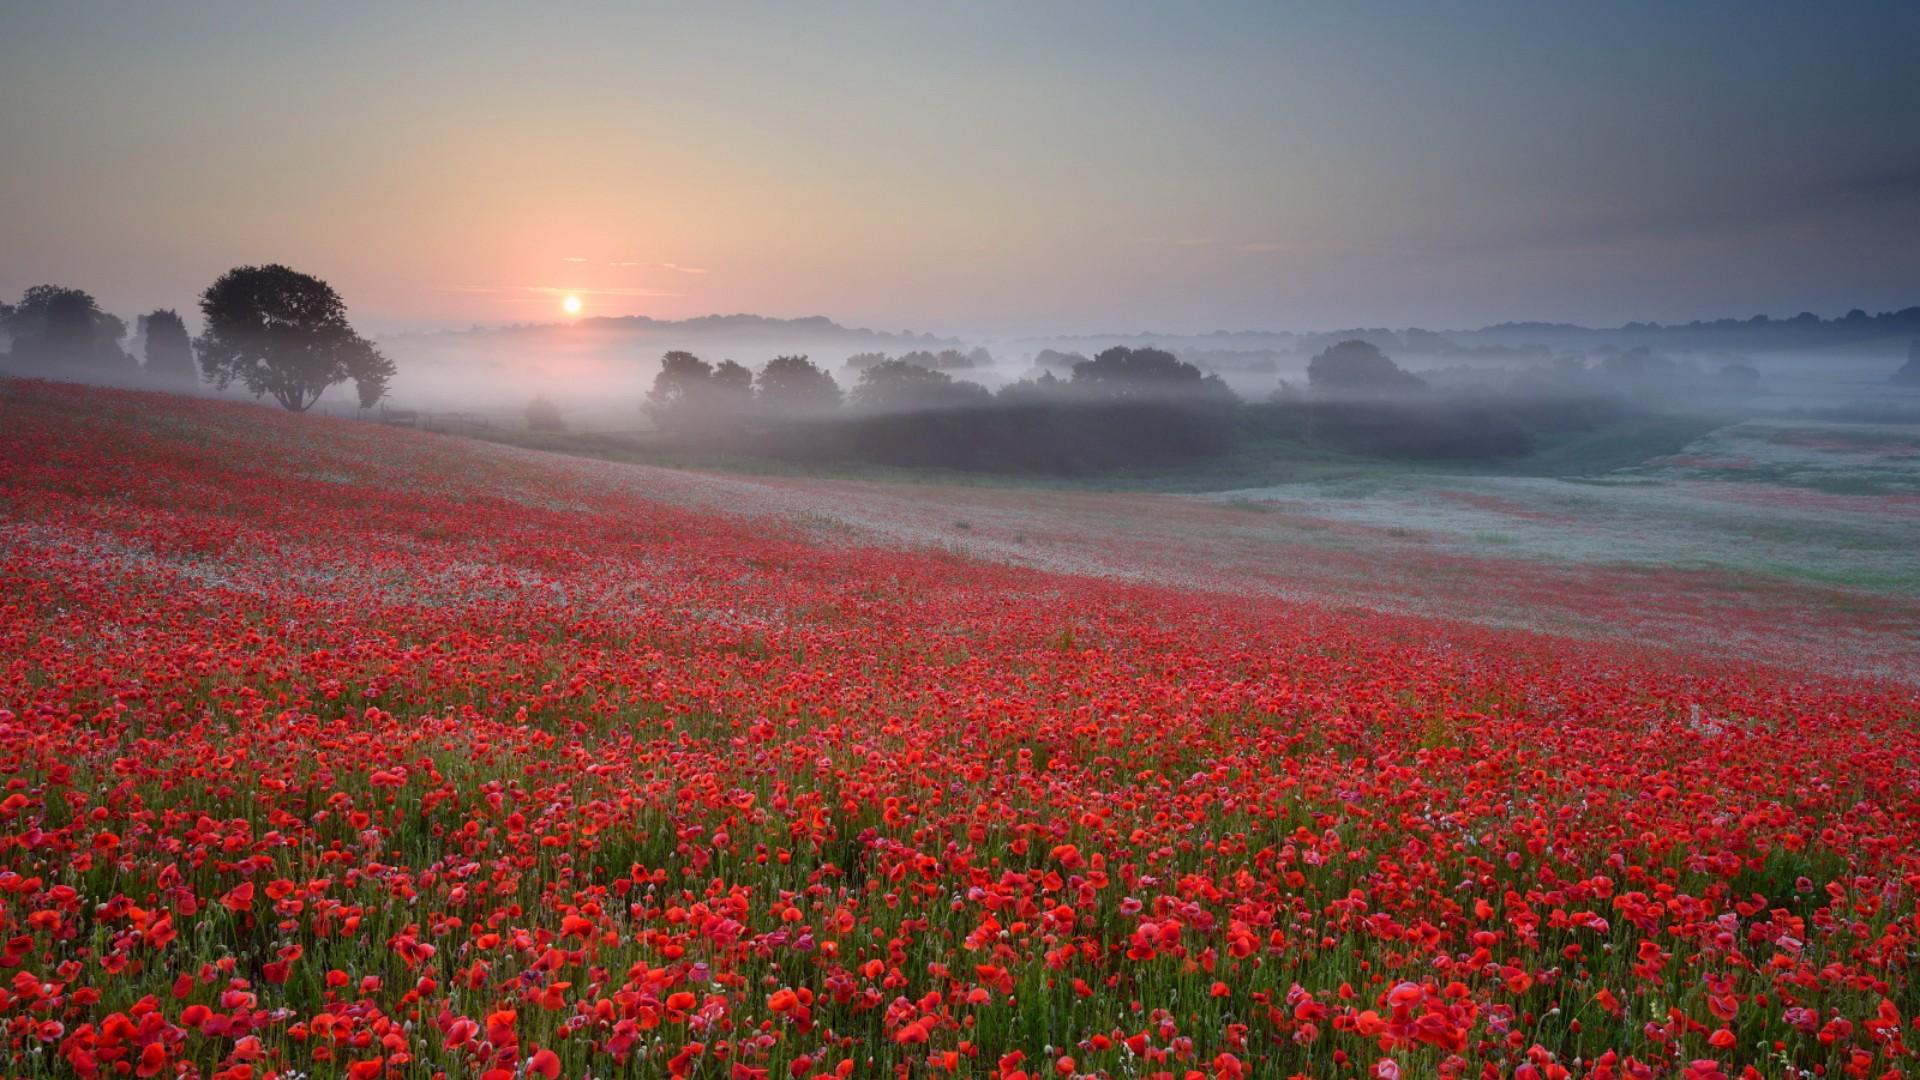 фото цветов на восходе под капельницей, реанимация